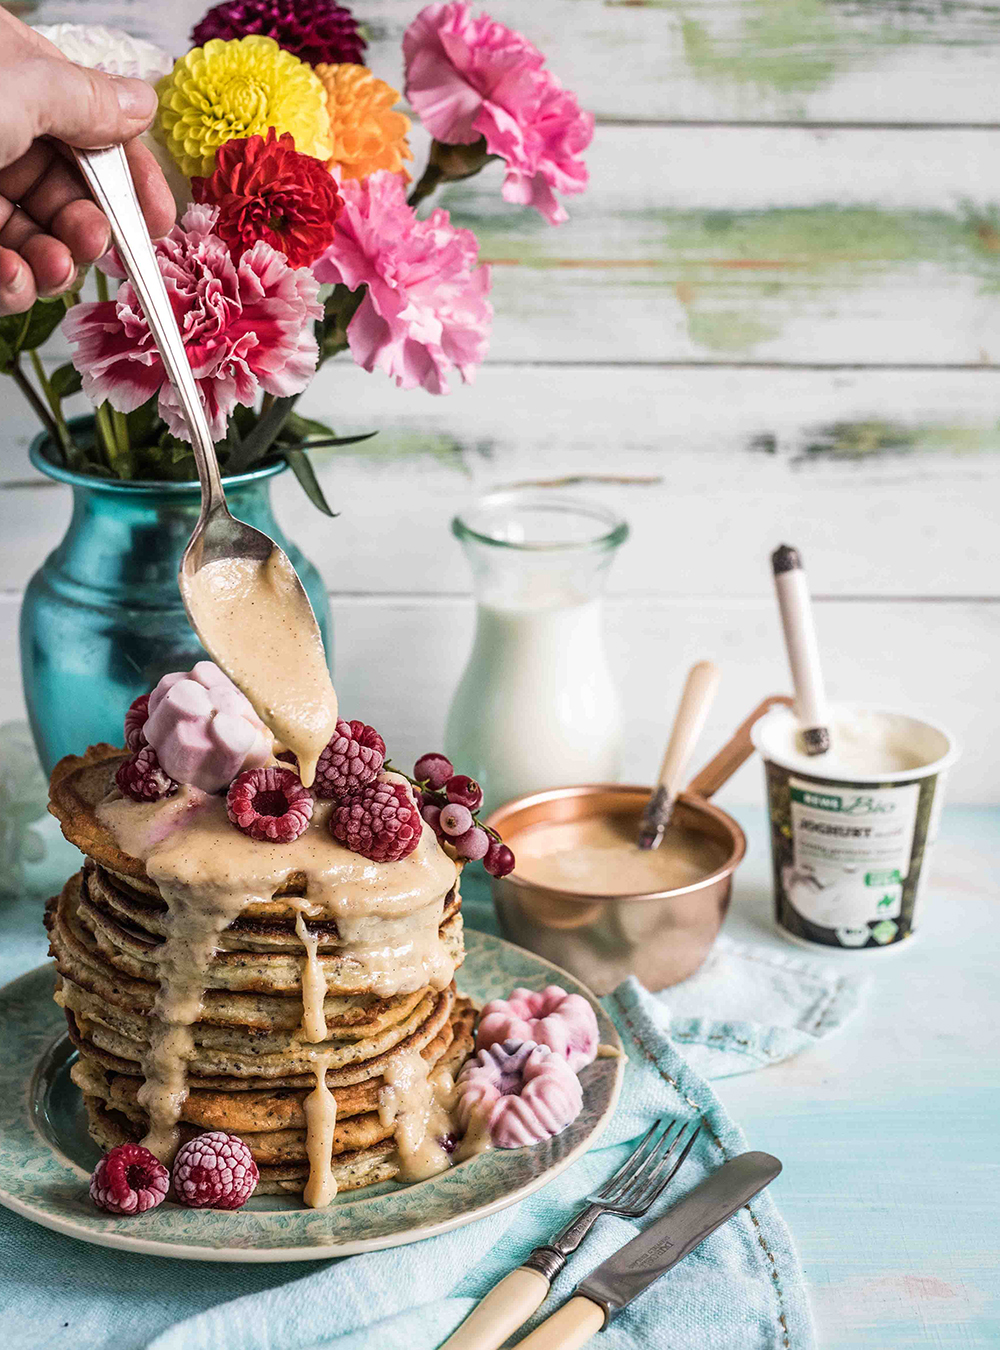 Milchcreme mit Joghurt Mohn Pancakes - Dulce de Leche oder Confiture de Lait aus frischer Bio Milch gekocht - Rezept für Frühstück und Dessert